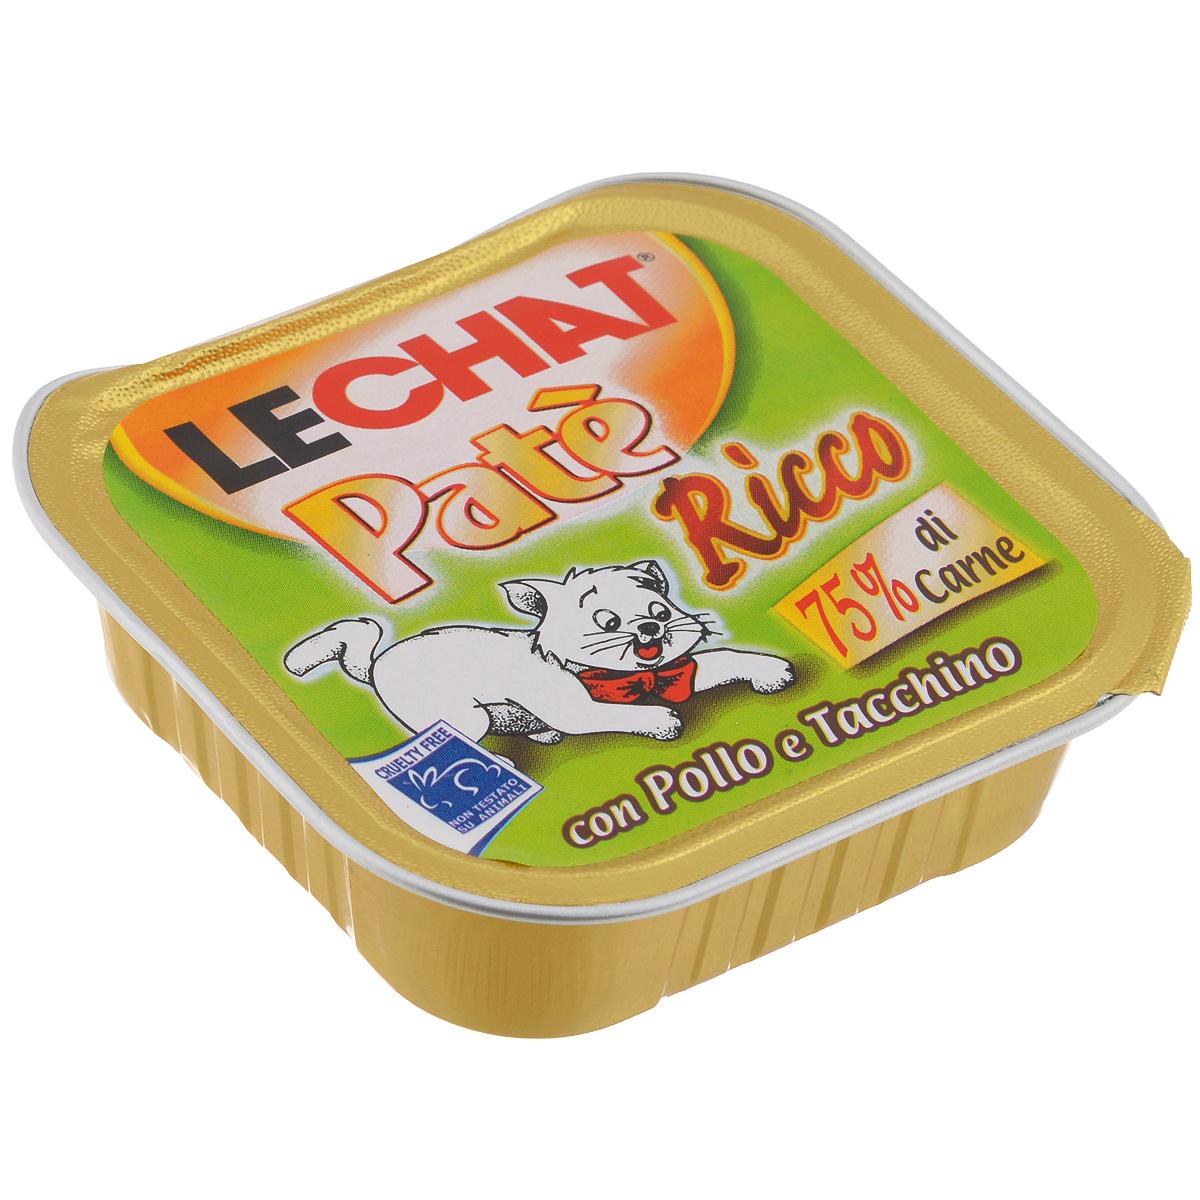 Консервы для кошек Monge Lechat, с курицей и индейкой, 100 г